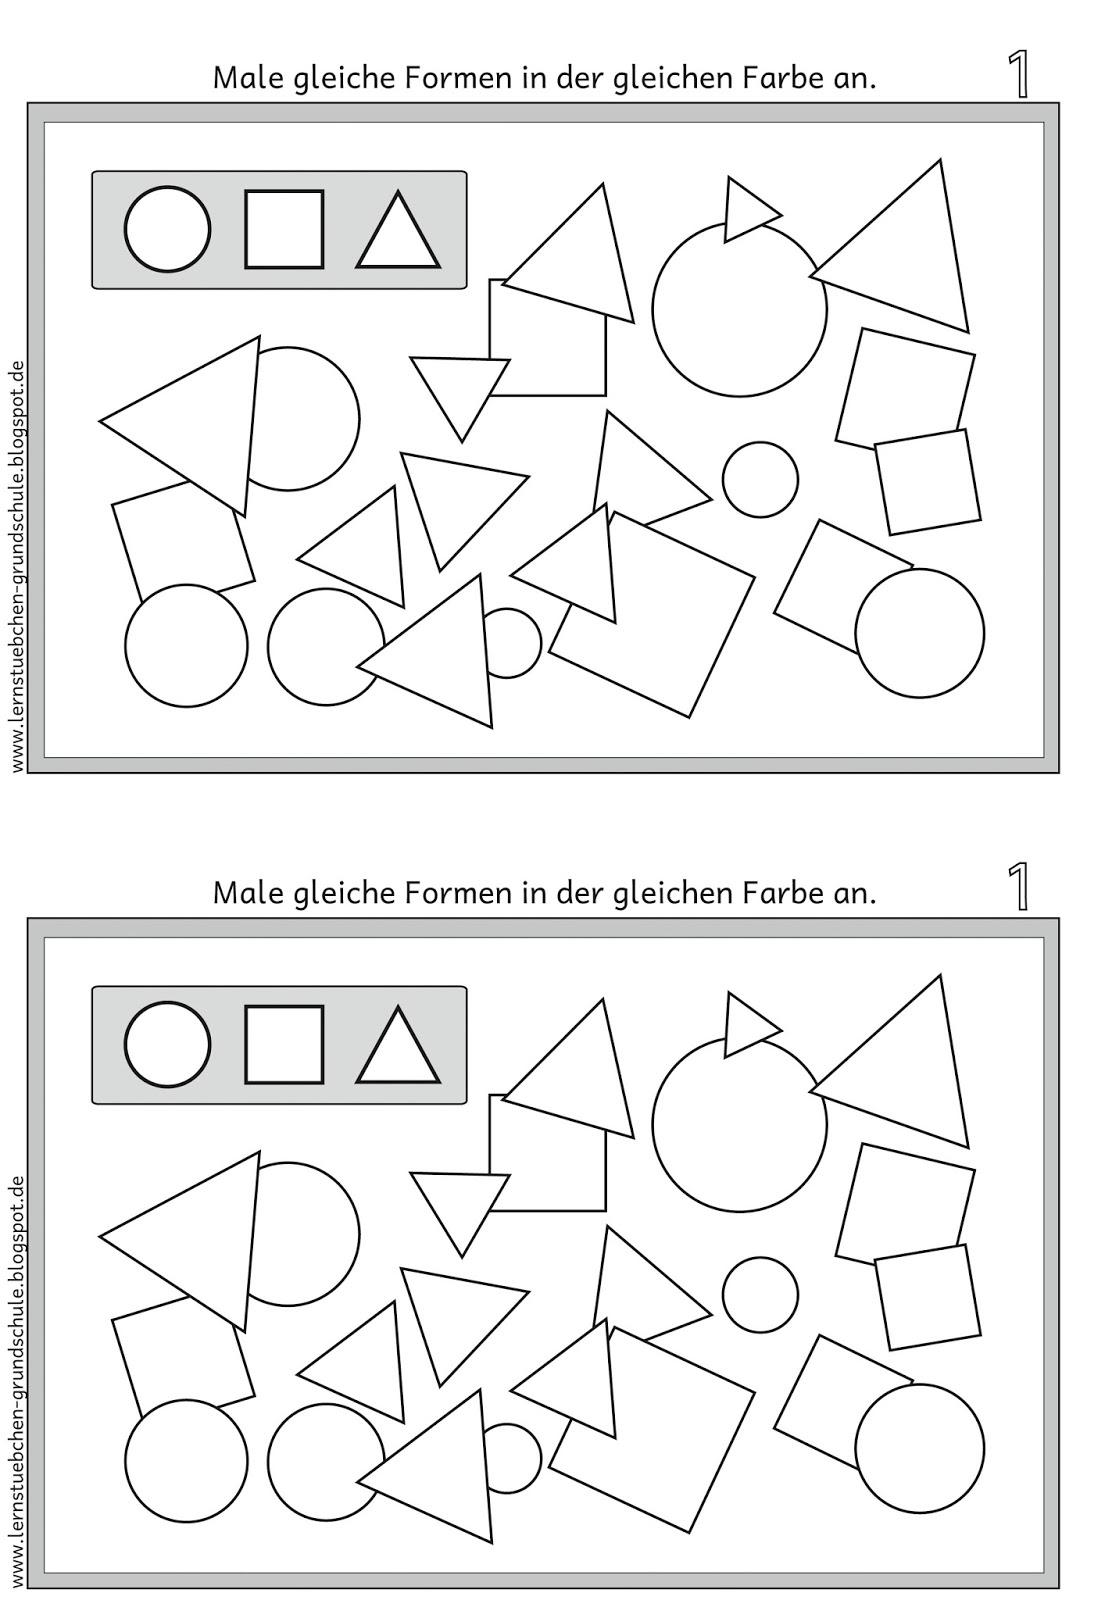 lernst bchen gleiche formen erkennen und gleich anmalen. Black Bedroom Furniture Sets. Home Design Ideas